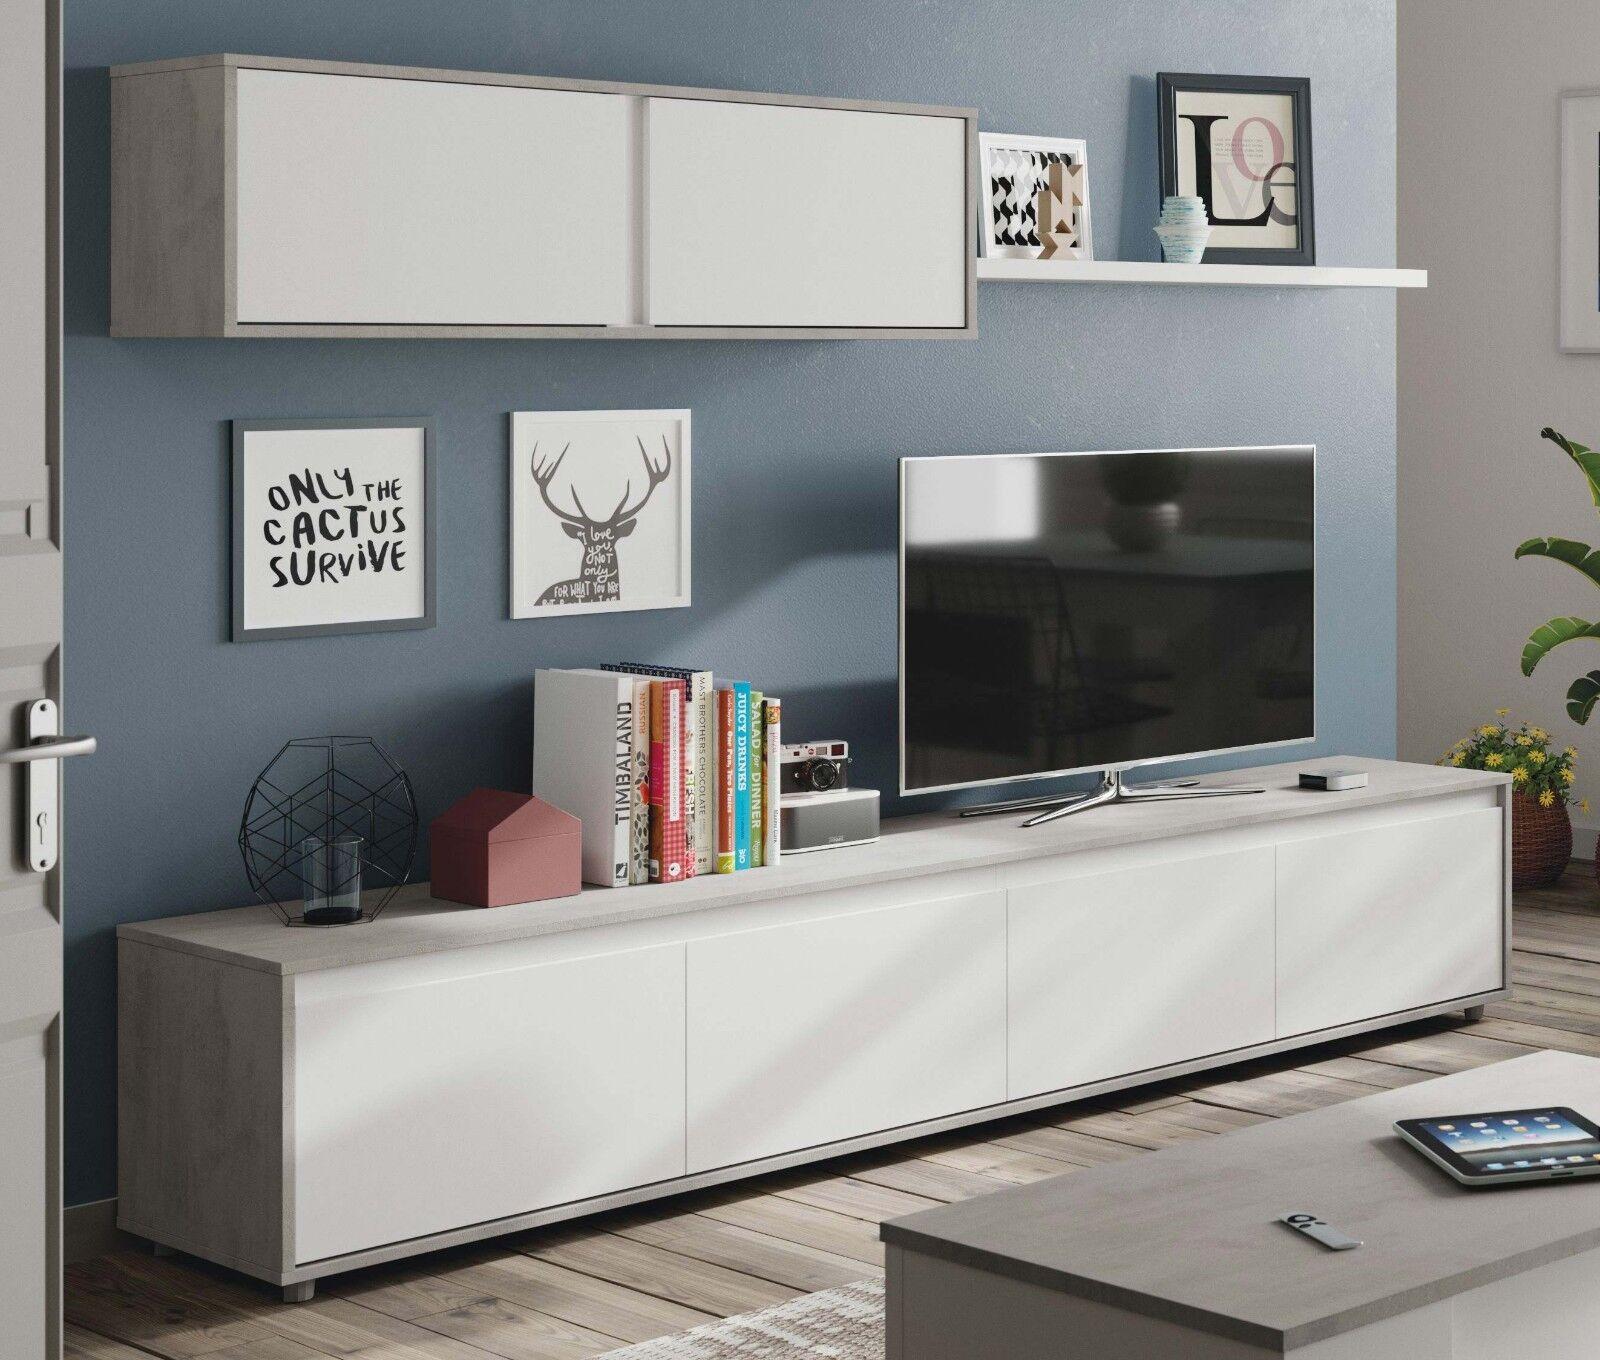 Mueble modular salon 2 módulos y estante color blanco y cemento 200x41...